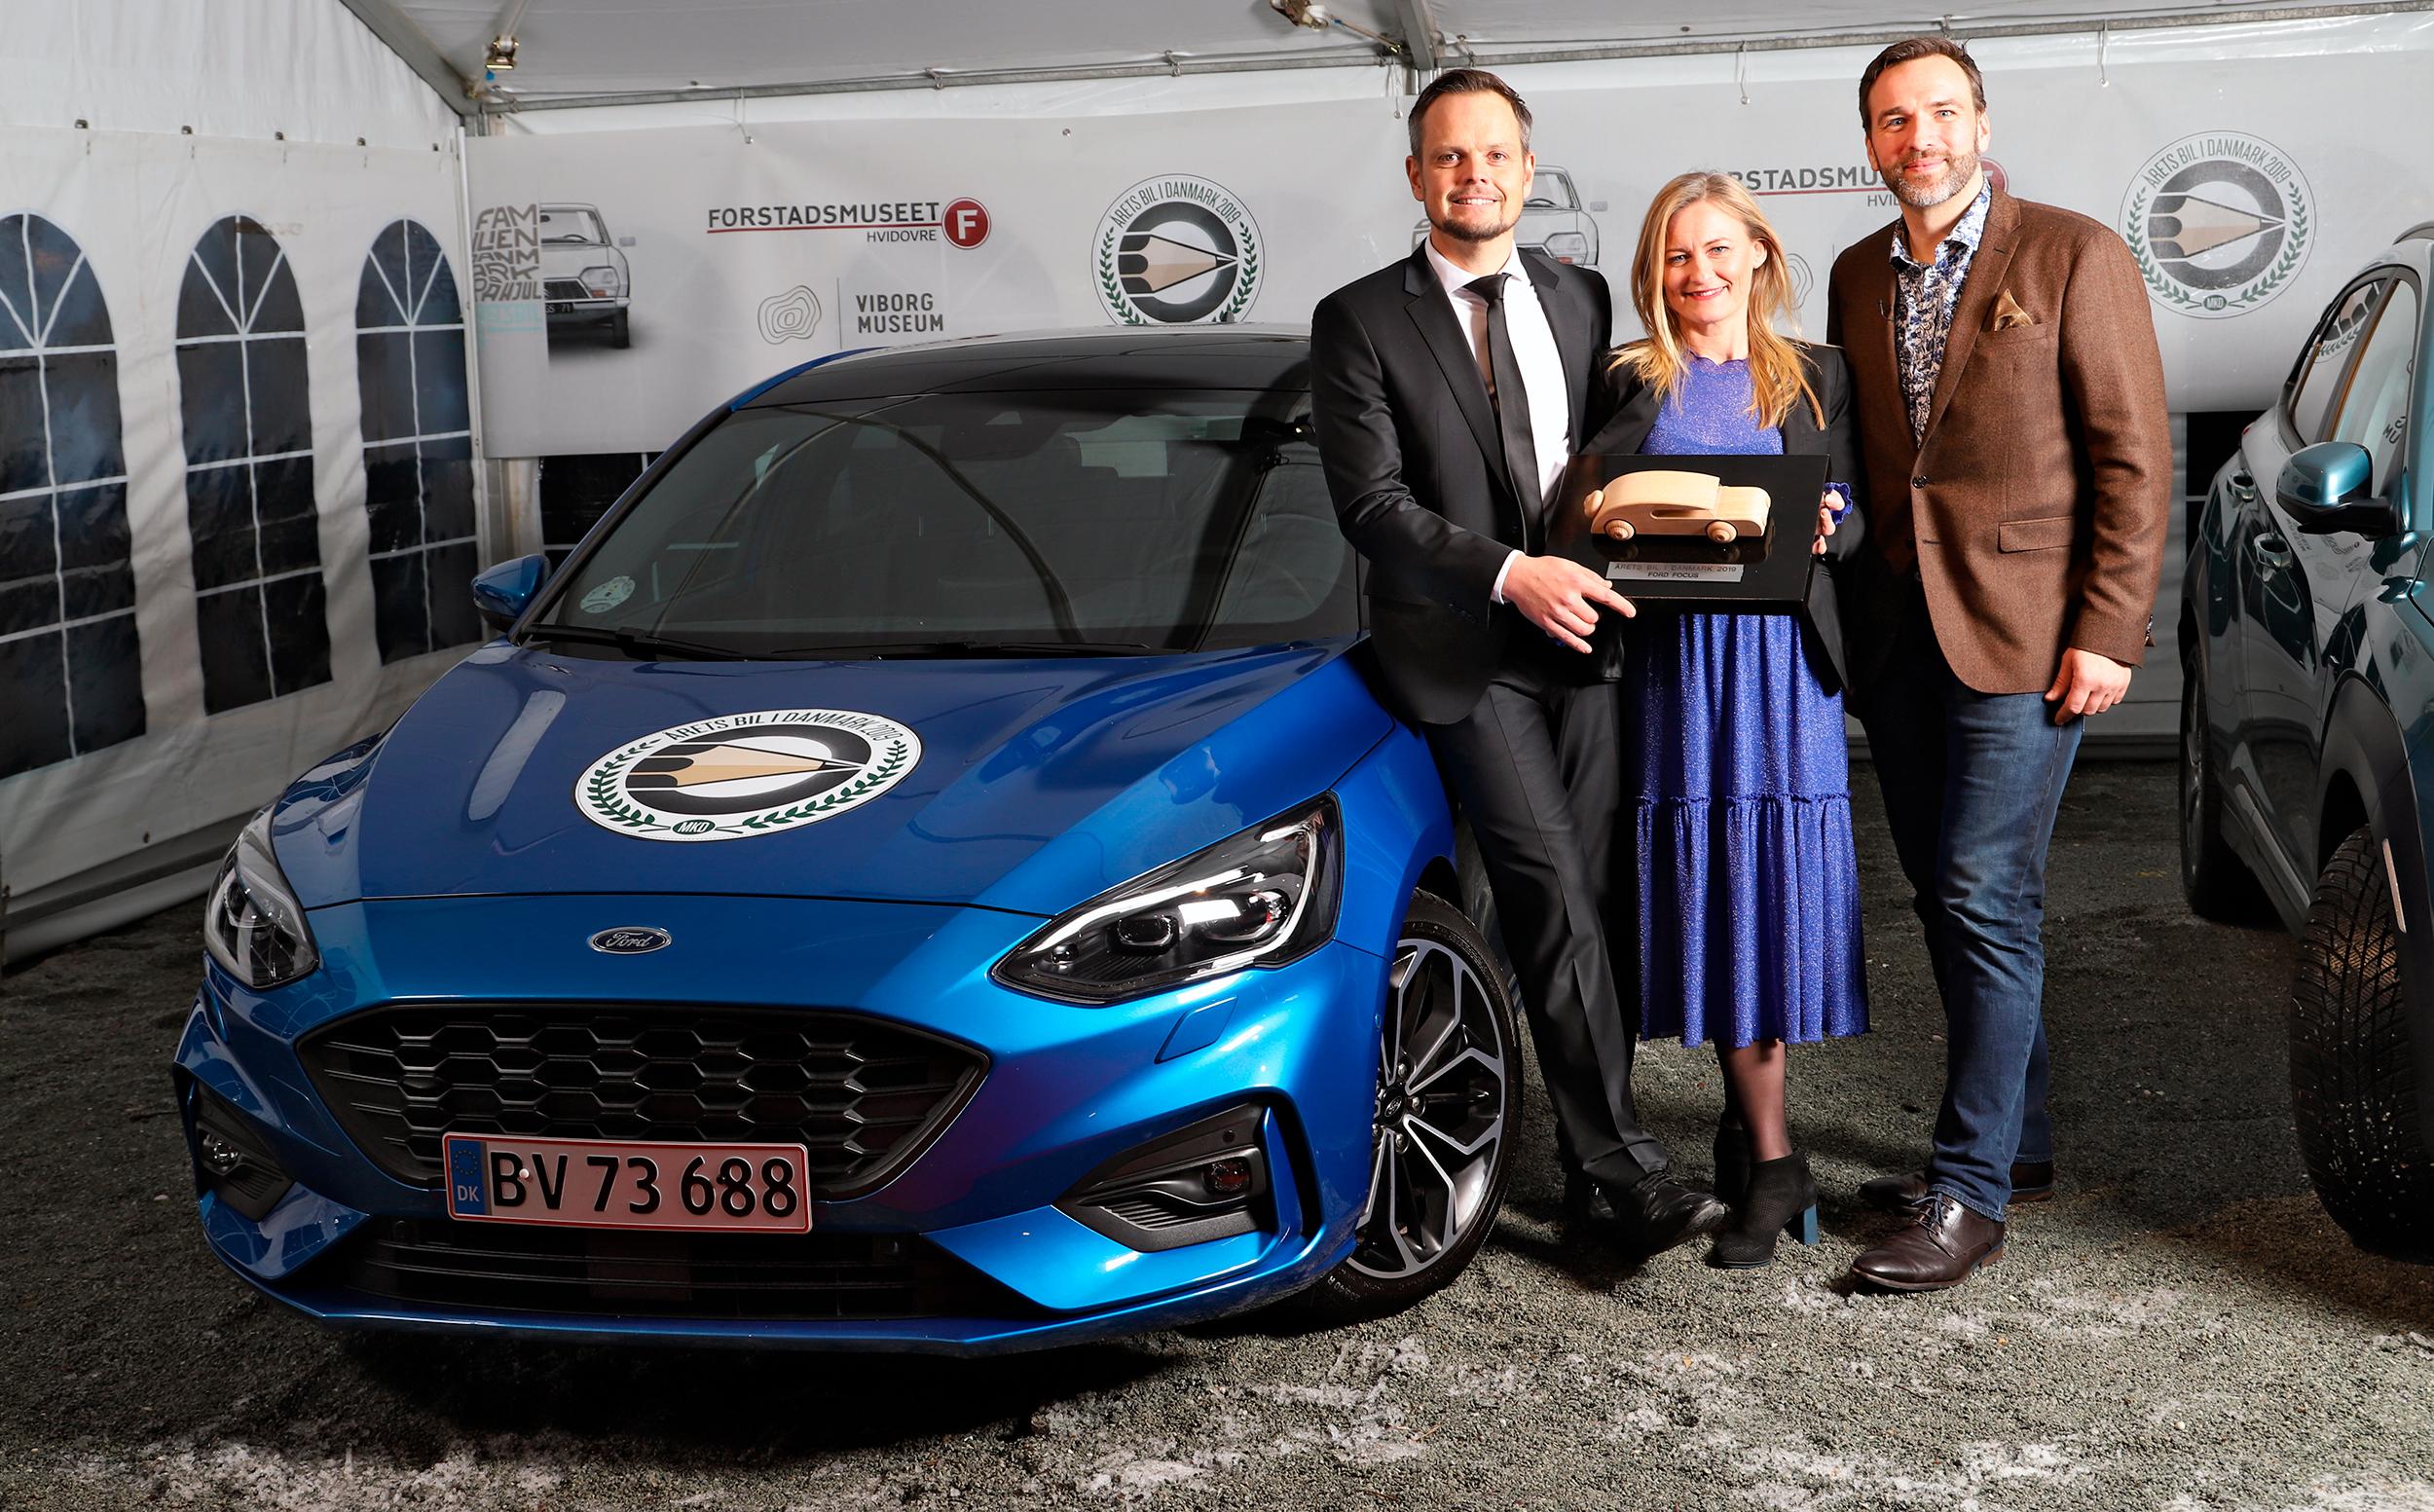 Årets Bil 2019 en fornuftig familiebil | FDM